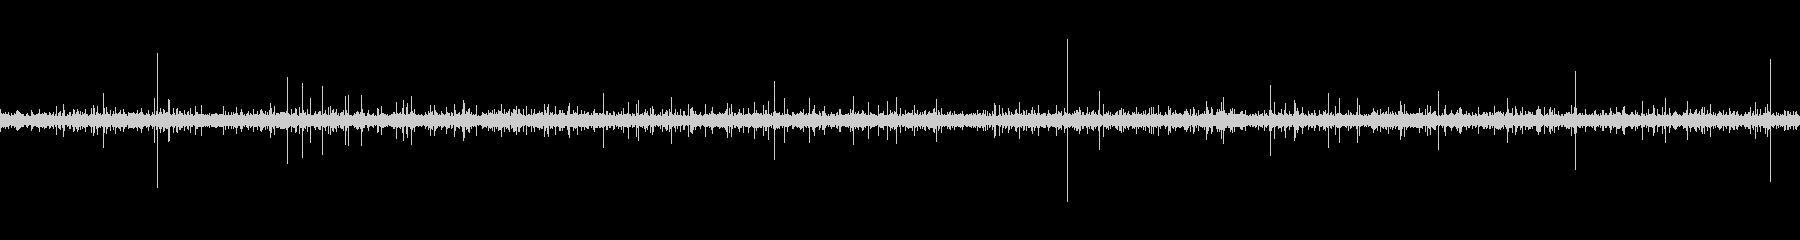 サー ビチャビチャの未再生の波形